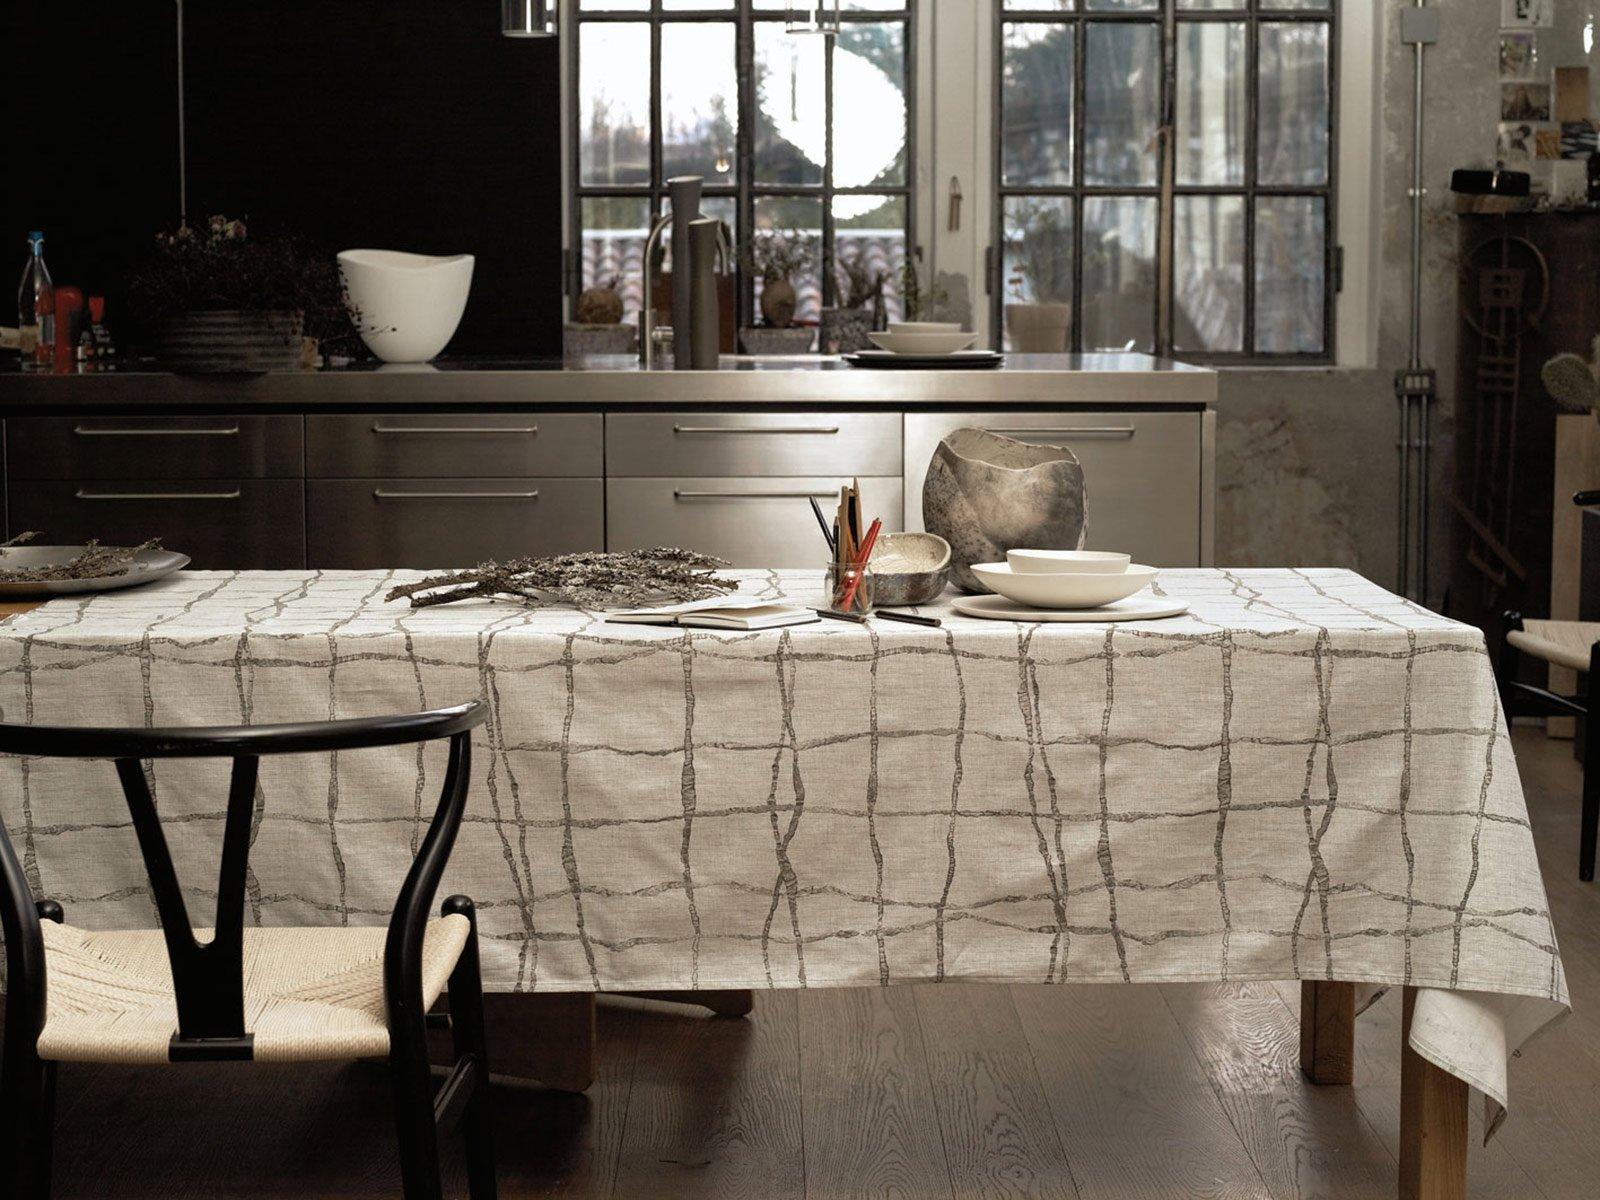 Tovaglie per apparecchiare con fantasia in cucina o in - Tovaglie da tavola moderne ...